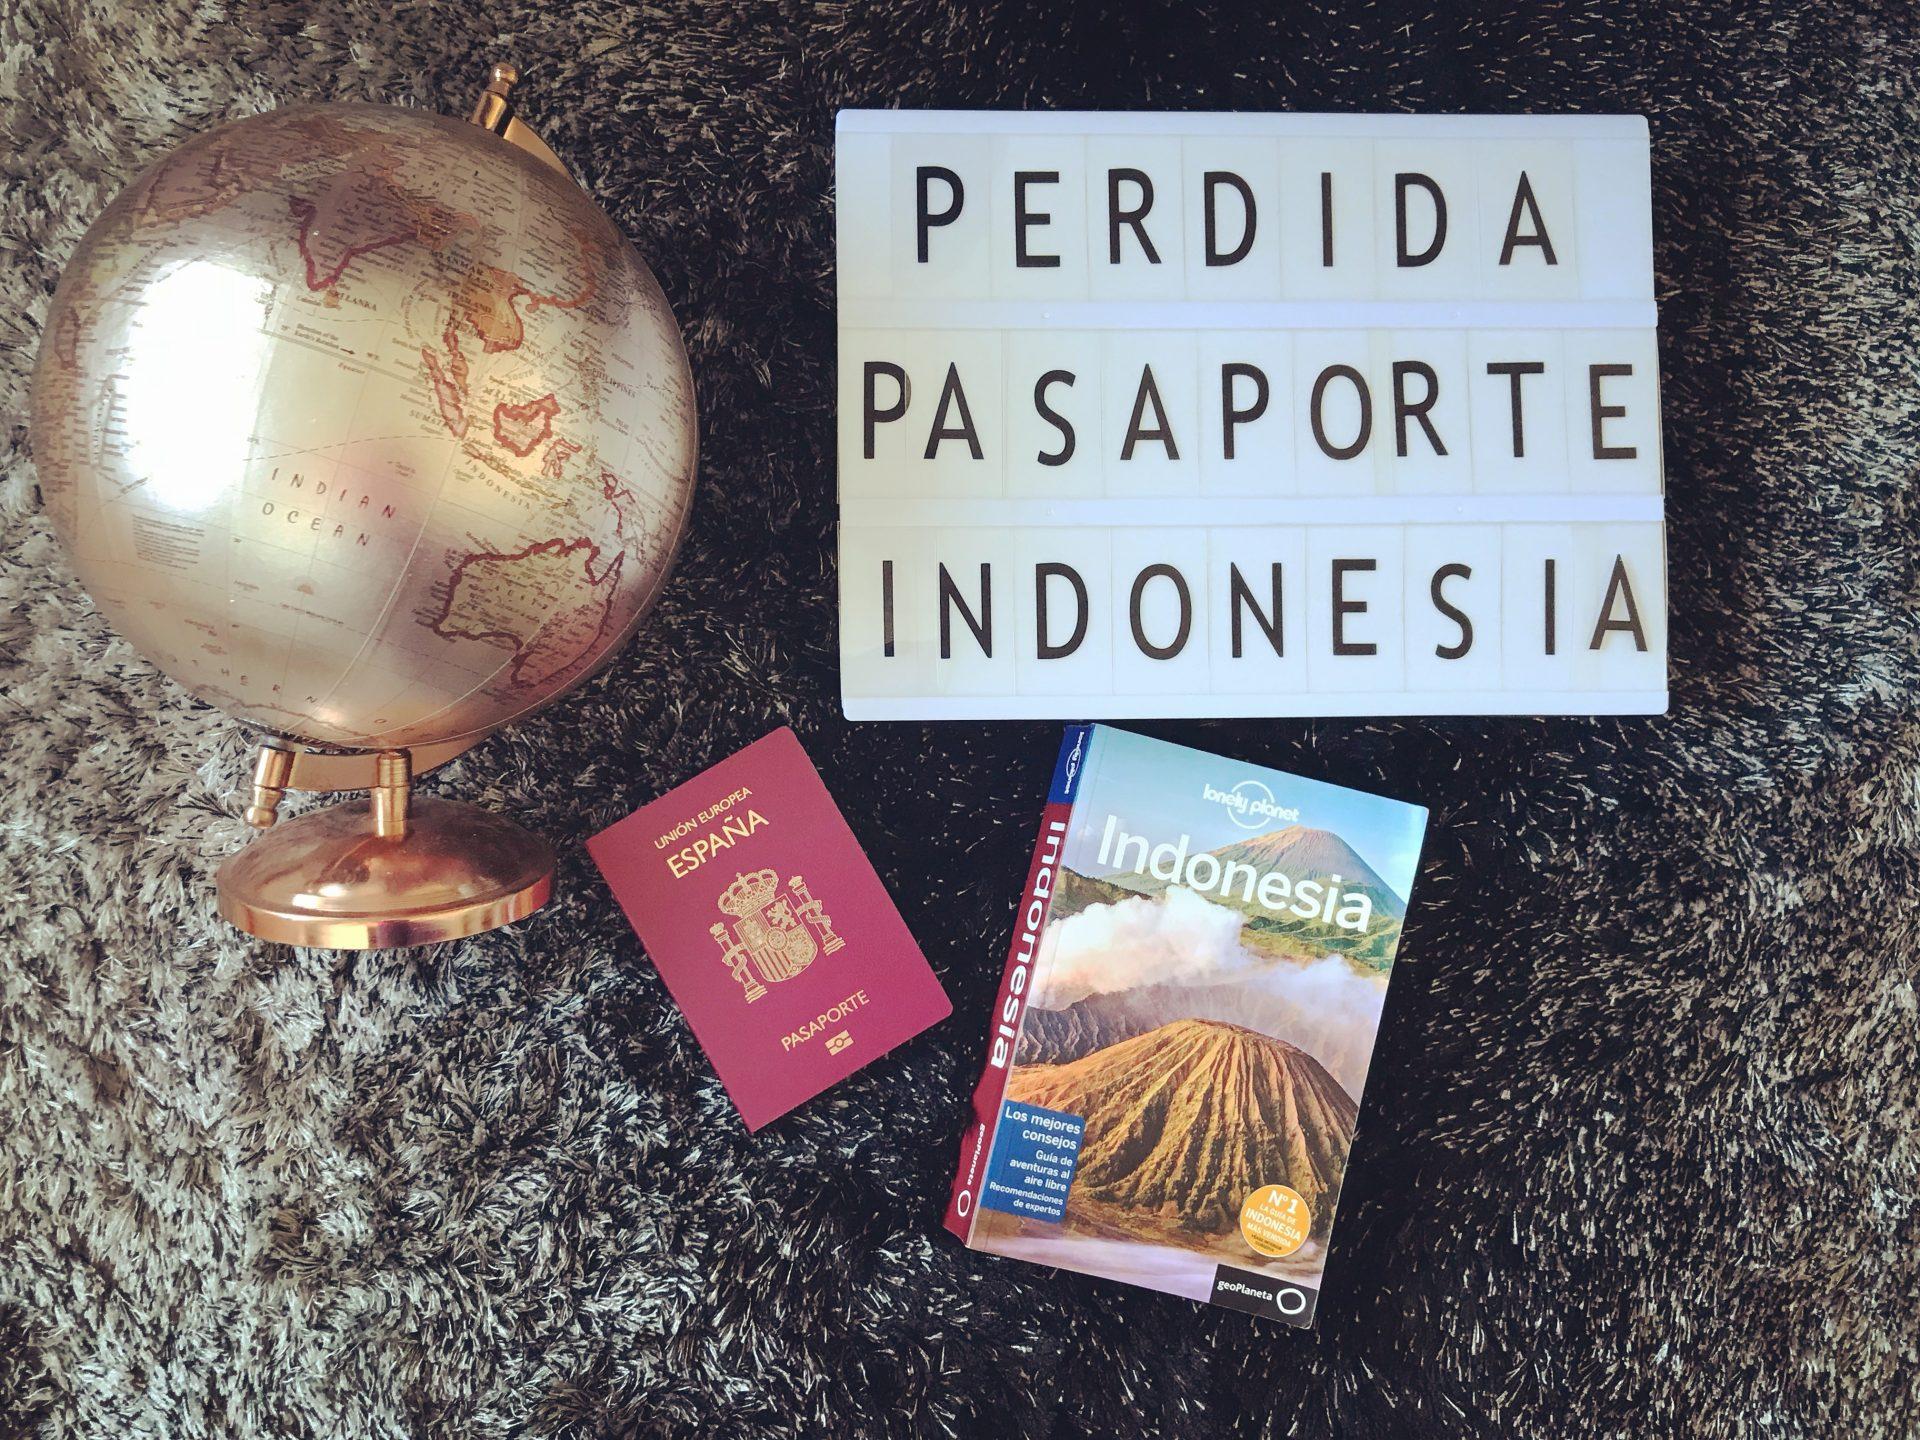 Perdida del pasaporte en Indonesia